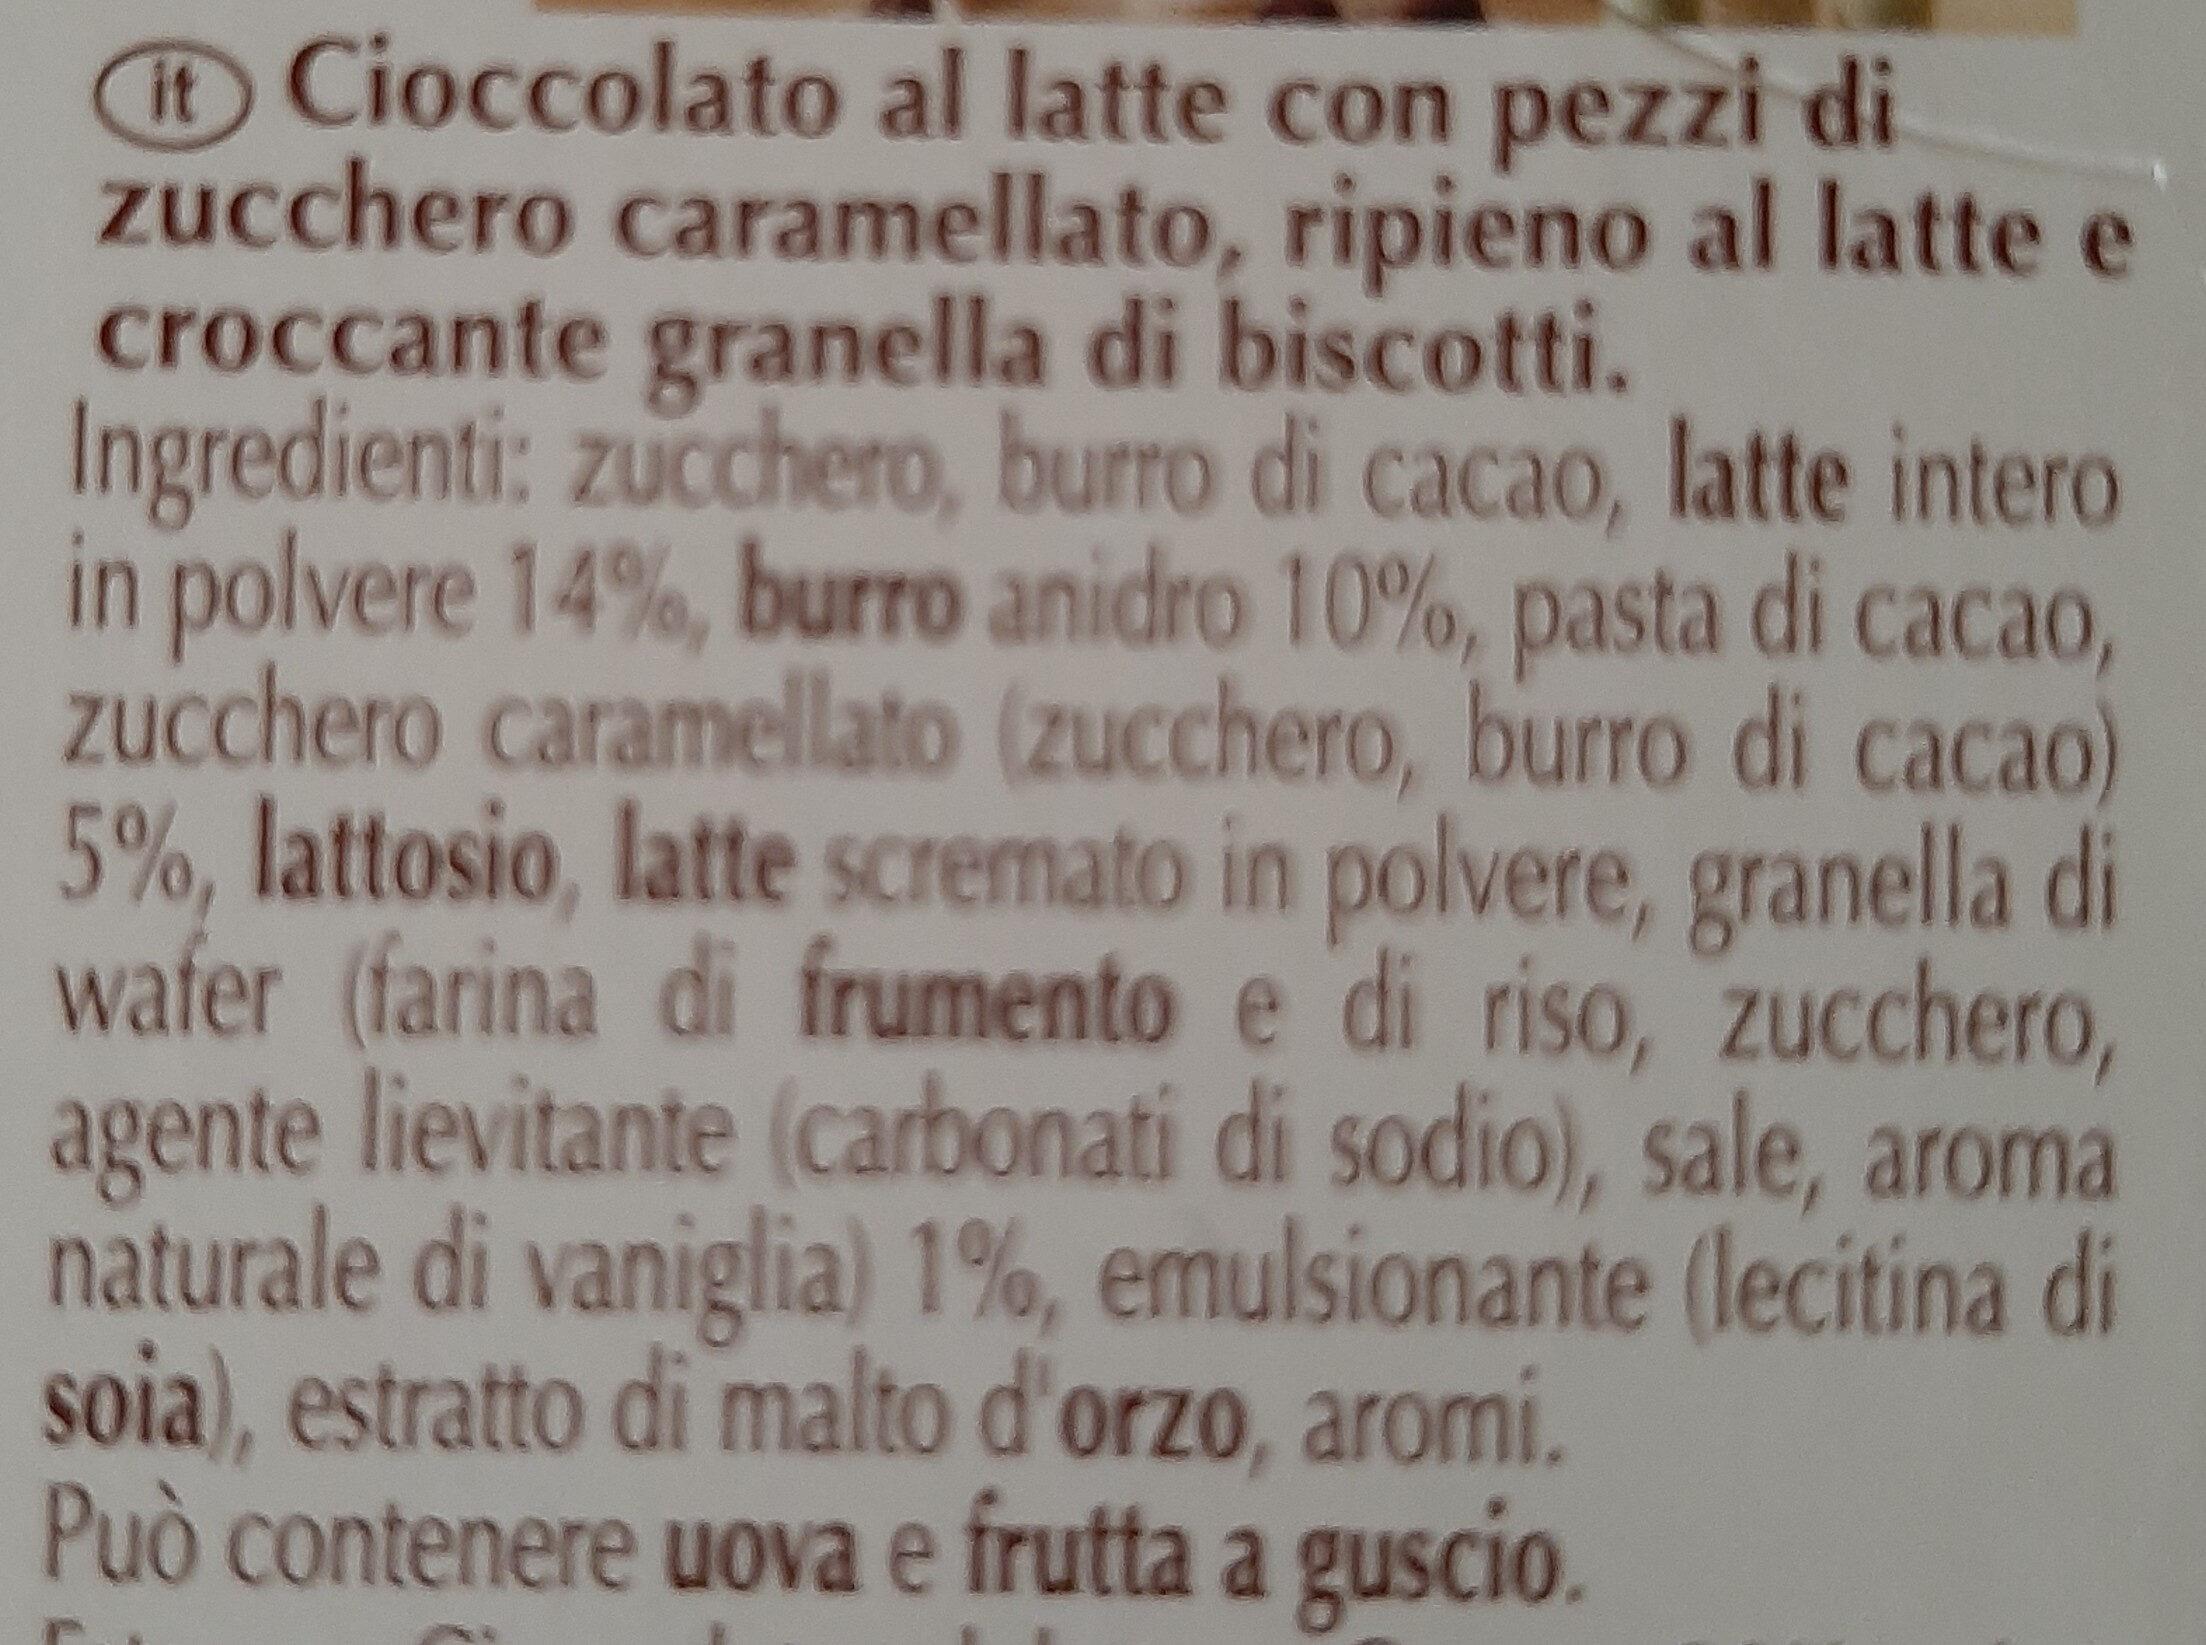 Cioccolato al latte con pezzi di zucchero caramellato - Ingredients - it